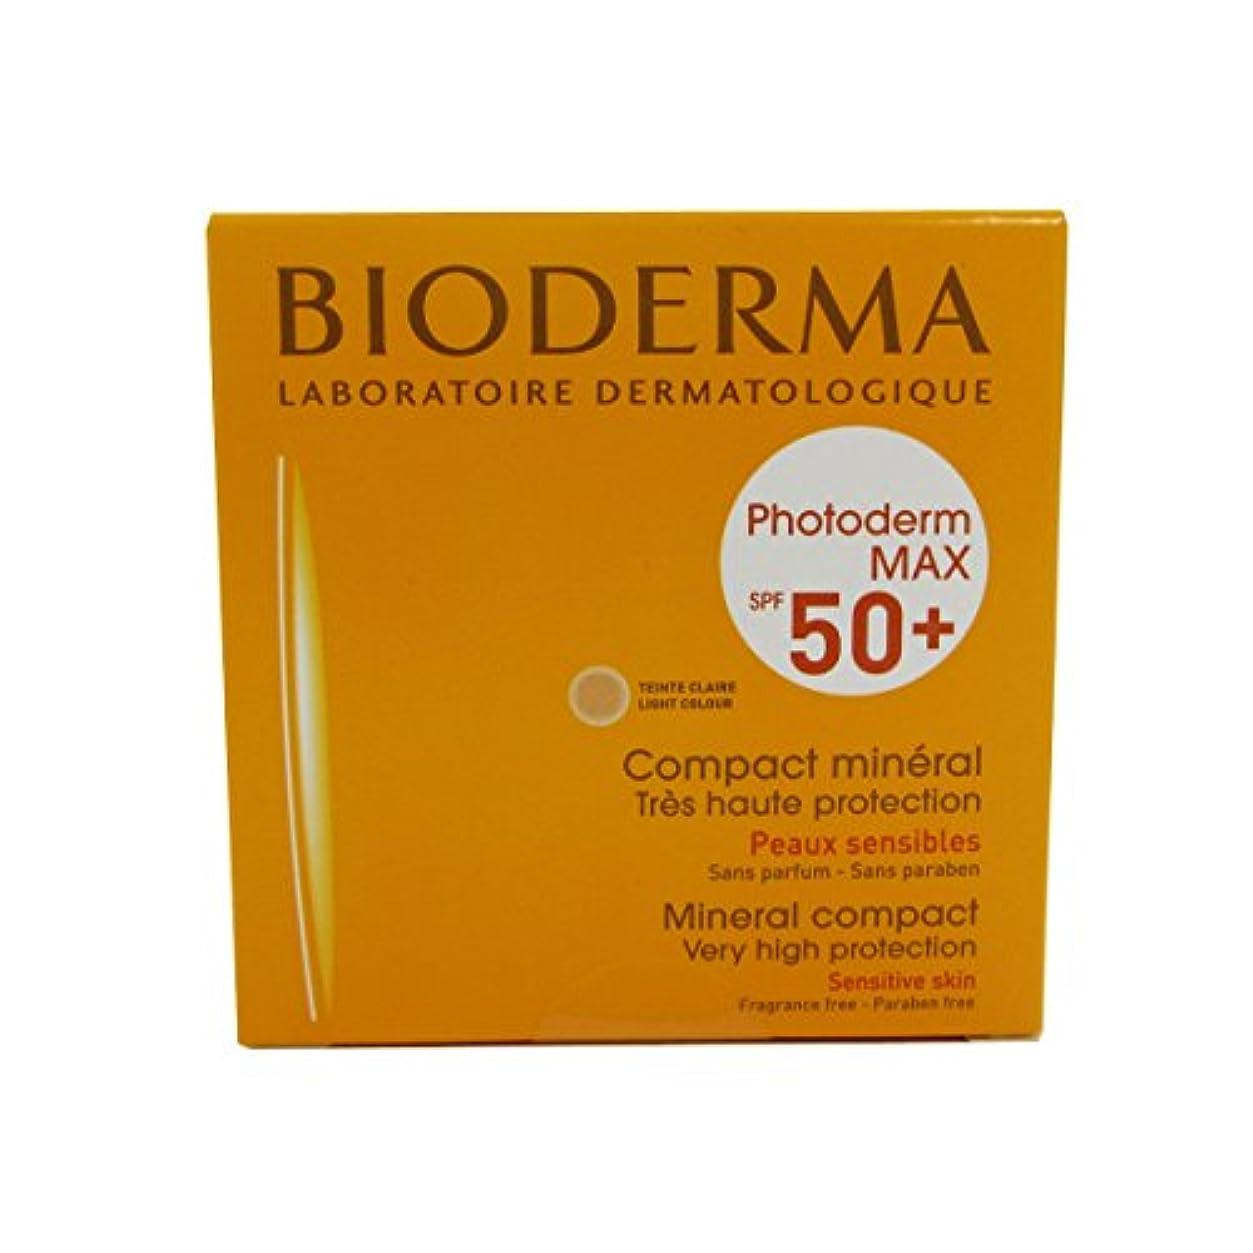 家庭味わう主権者Bioderma Photoderm Max Compact Mineral 50+ Light 10g [並行輸入品]